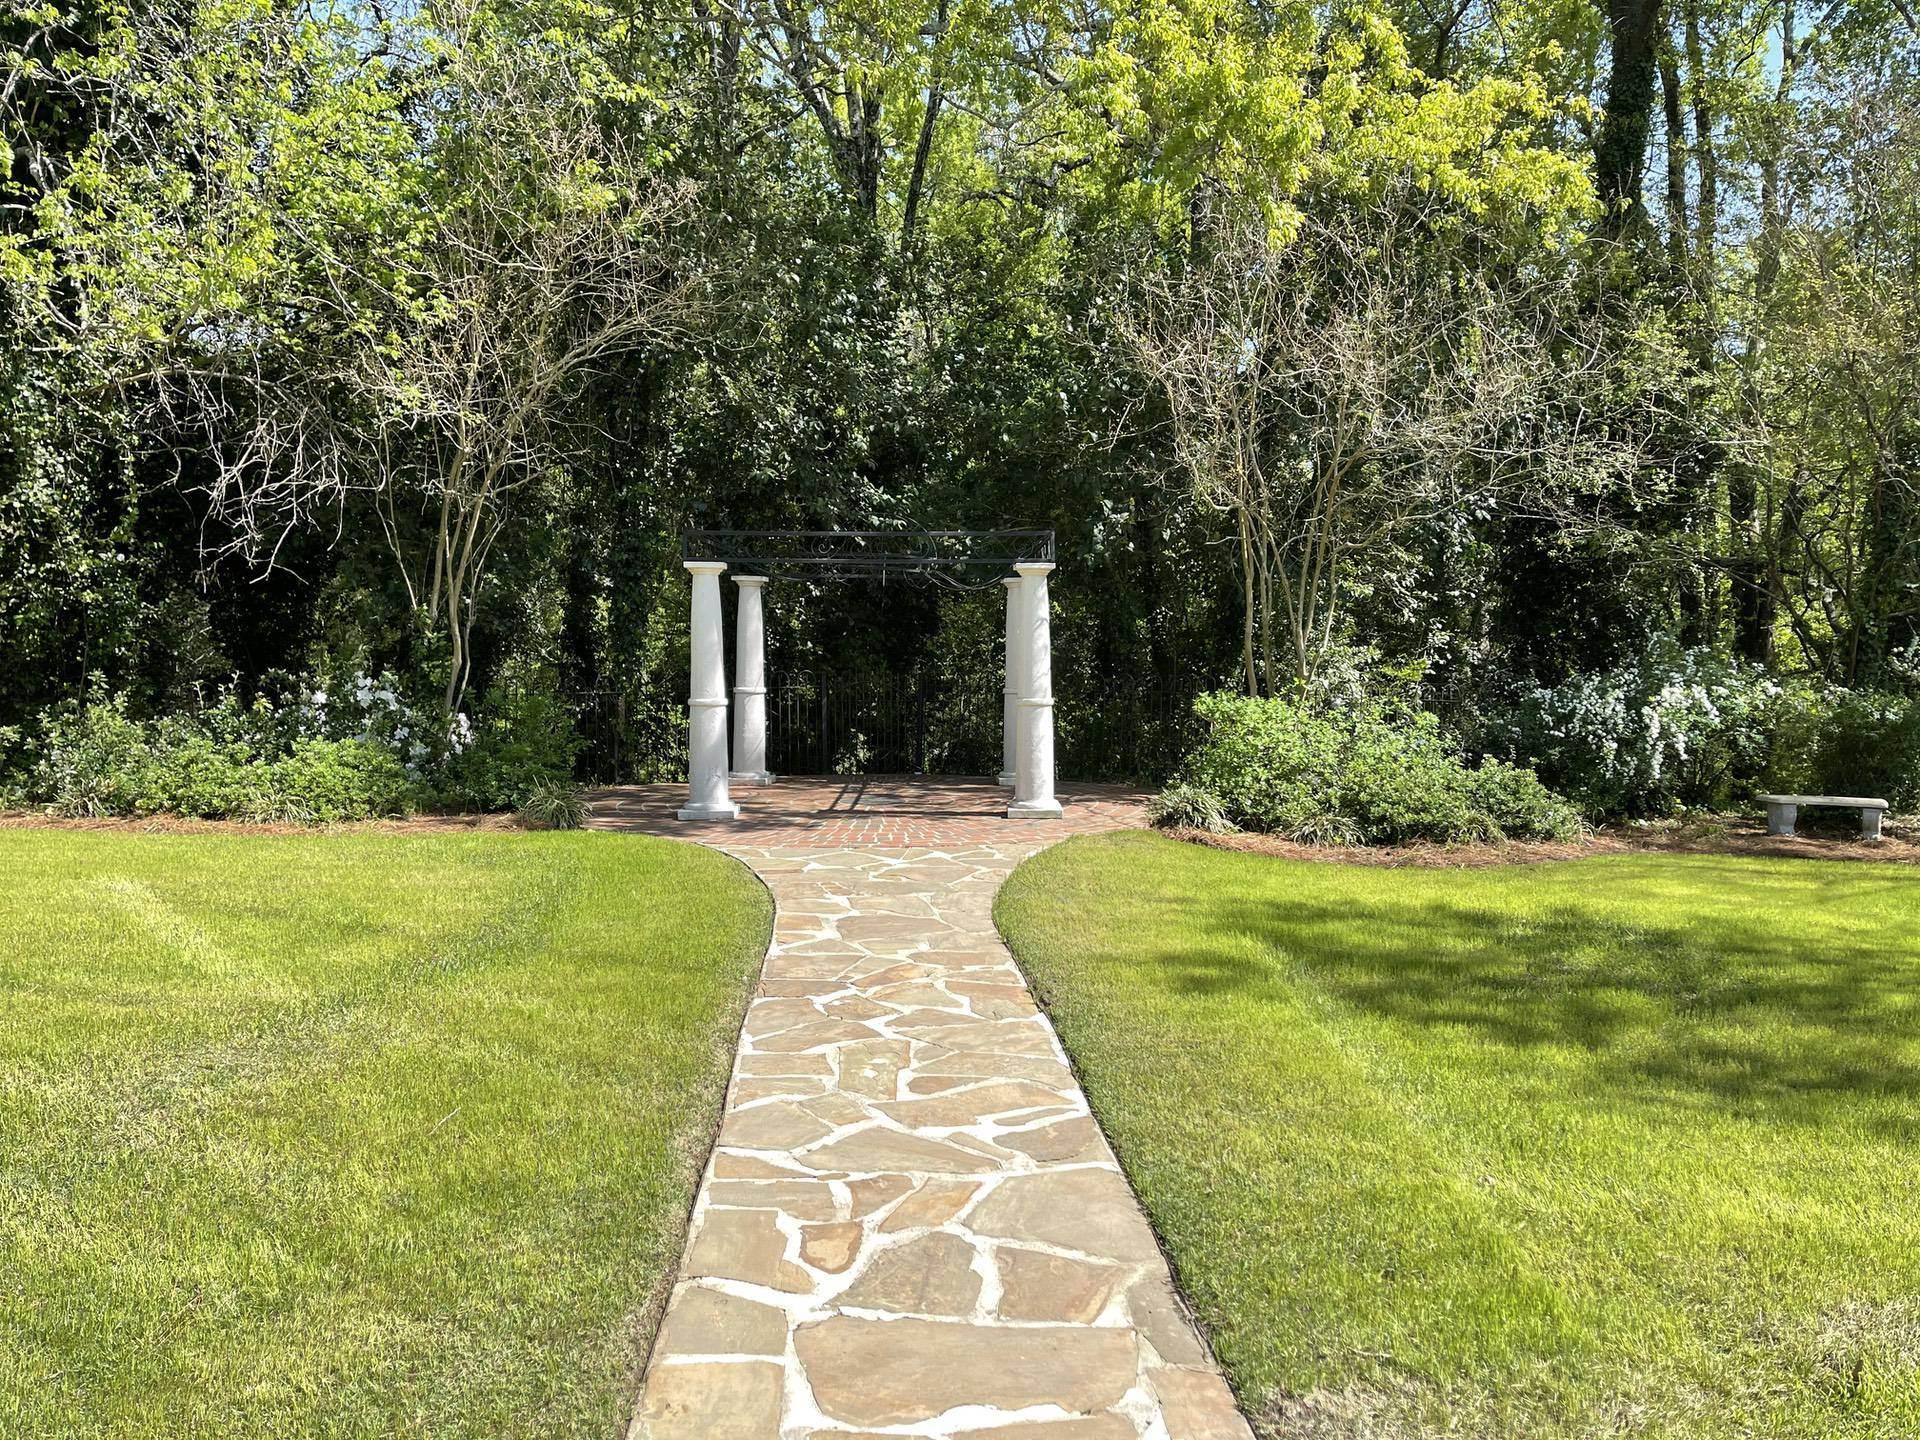 Senates End Outdoor The Hall Wedding Garden Path